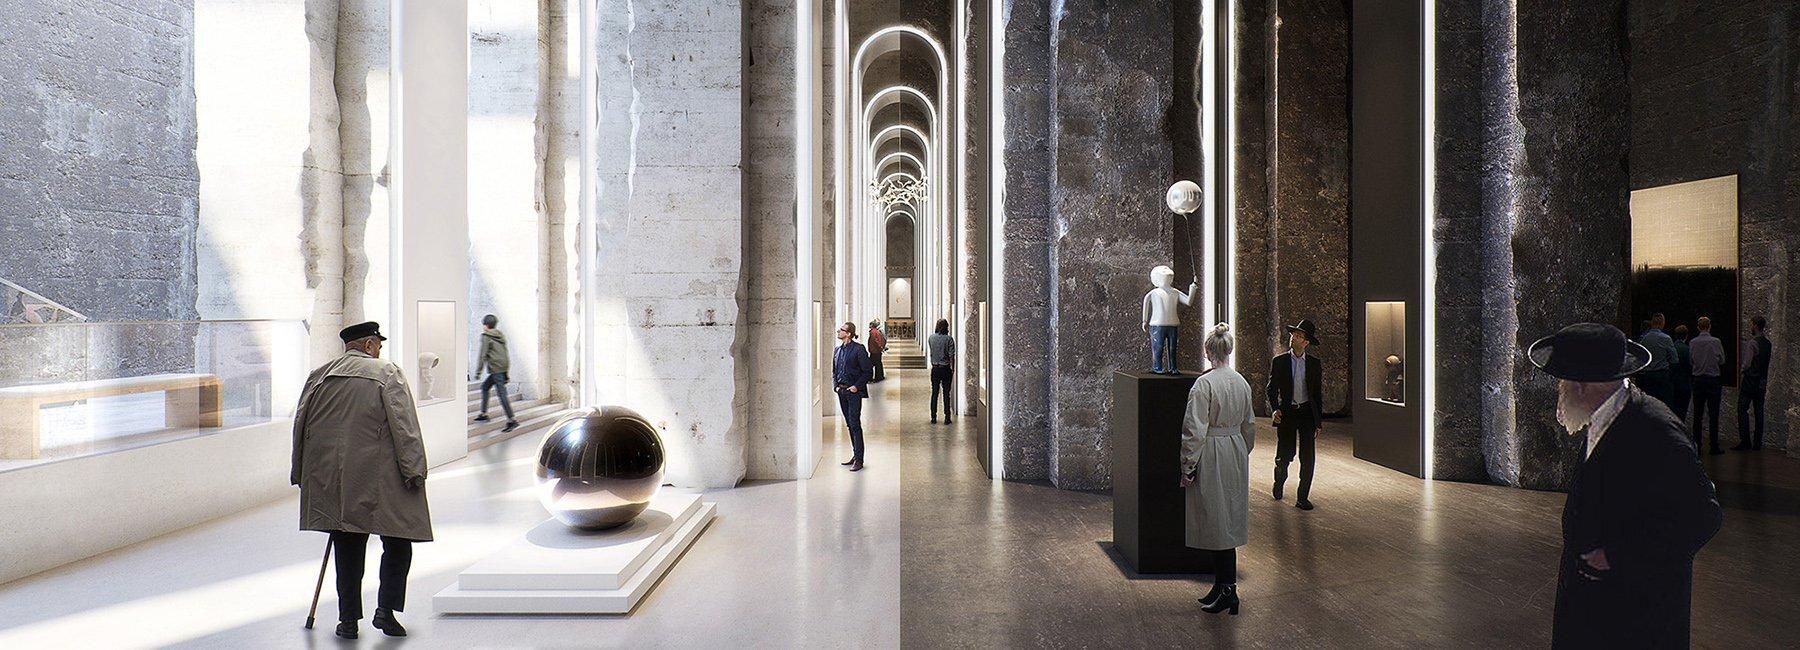 В Італії давньоримське водосховище перетворили на музей сучасного мистецтва